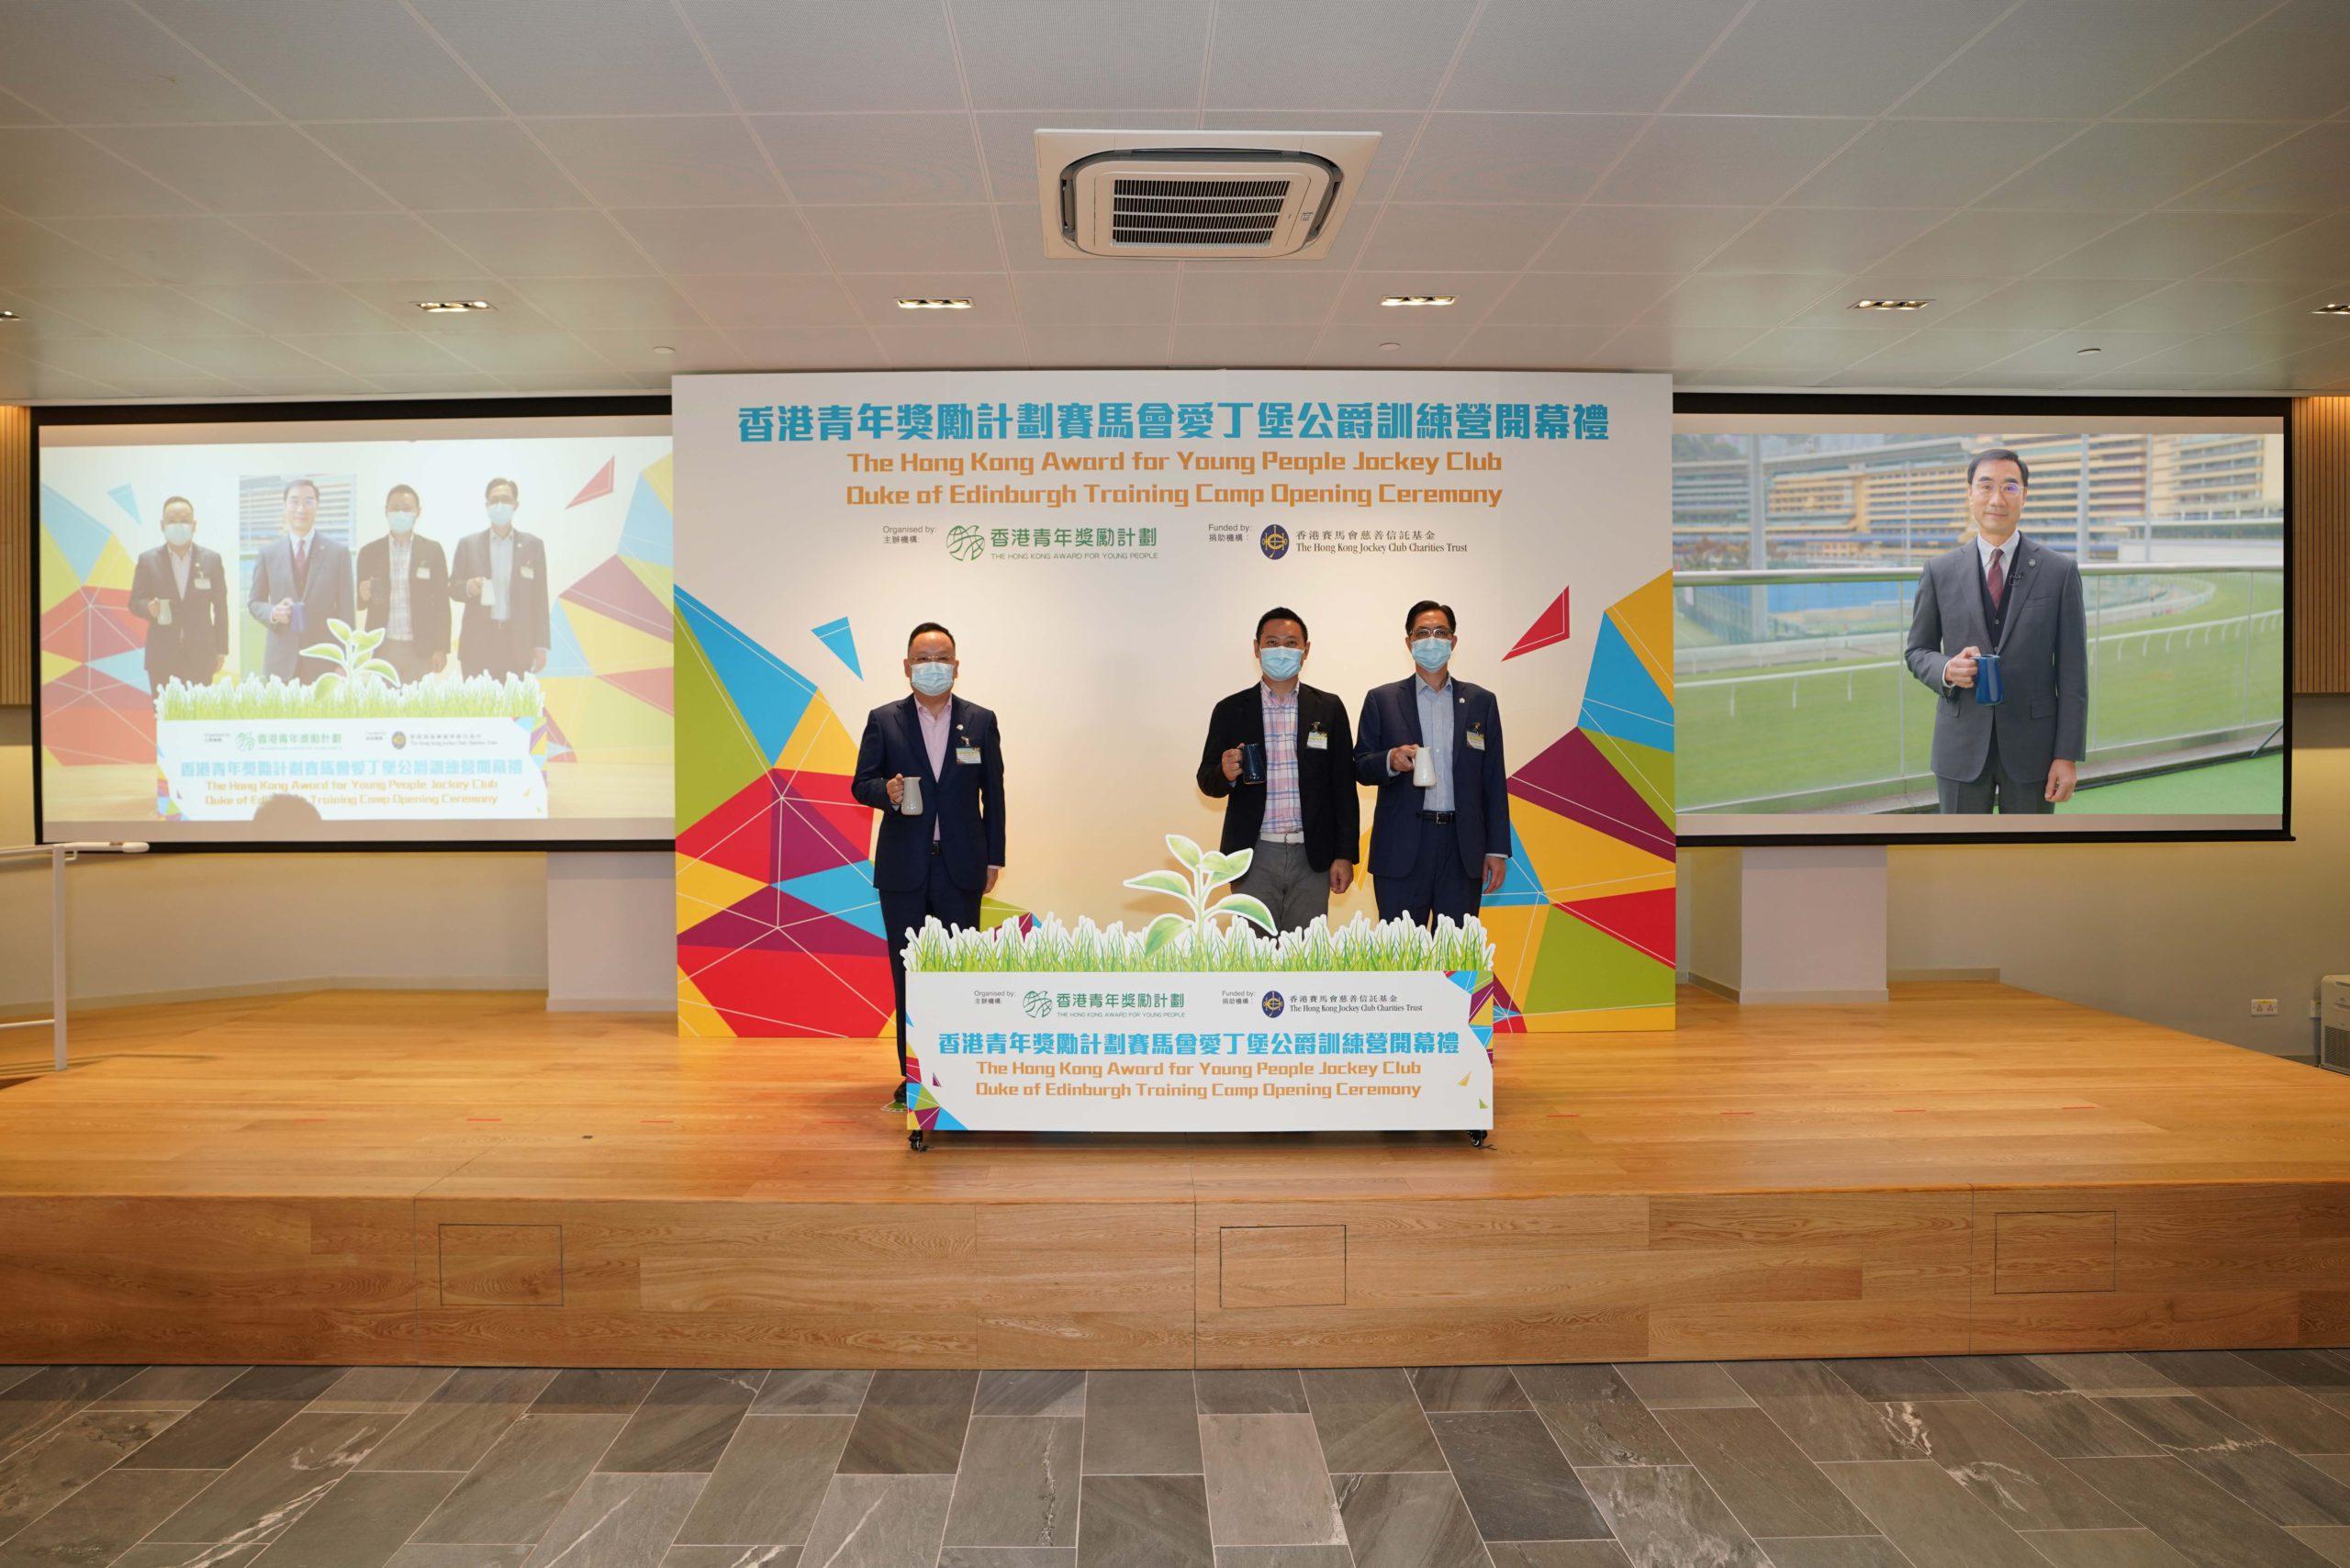 香港青年獎勵計劃賽馬會愛丁堡公爵訓練營開幕禮 (27/03/2021)